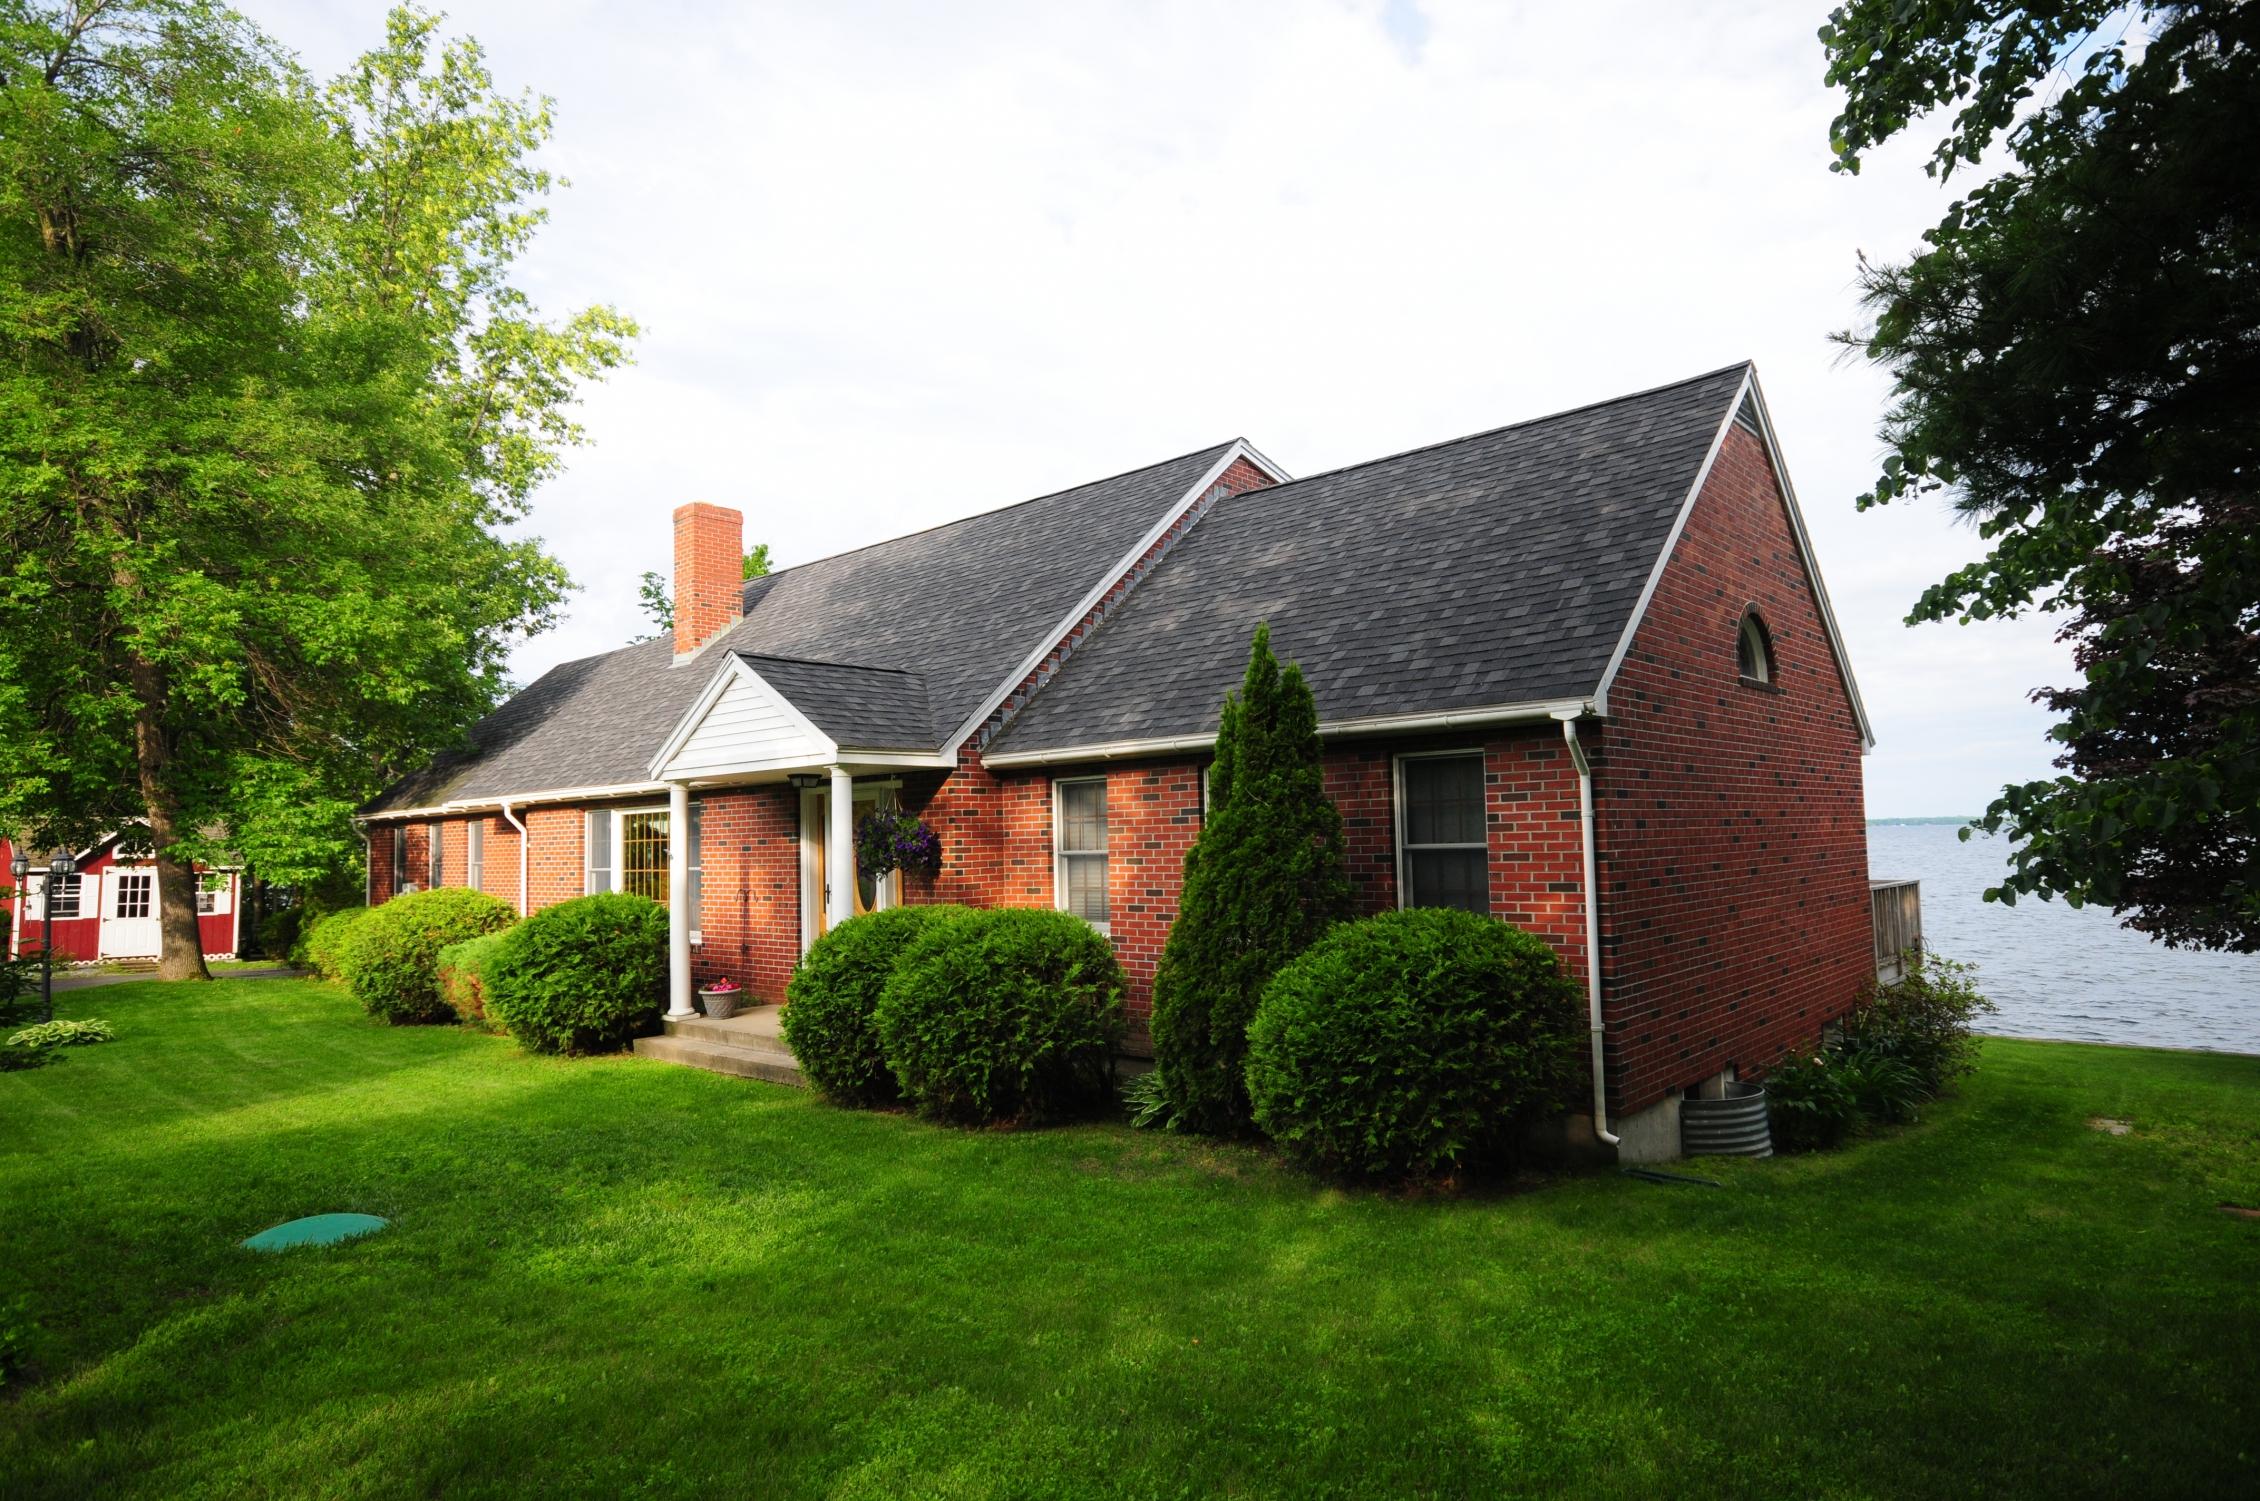 獨棟家庭住宅 為 出售 在 526 Maquam Shore Road, Swanton 526 Maquam Shore Rd Swanton, 佛蒙特州 05488 美國